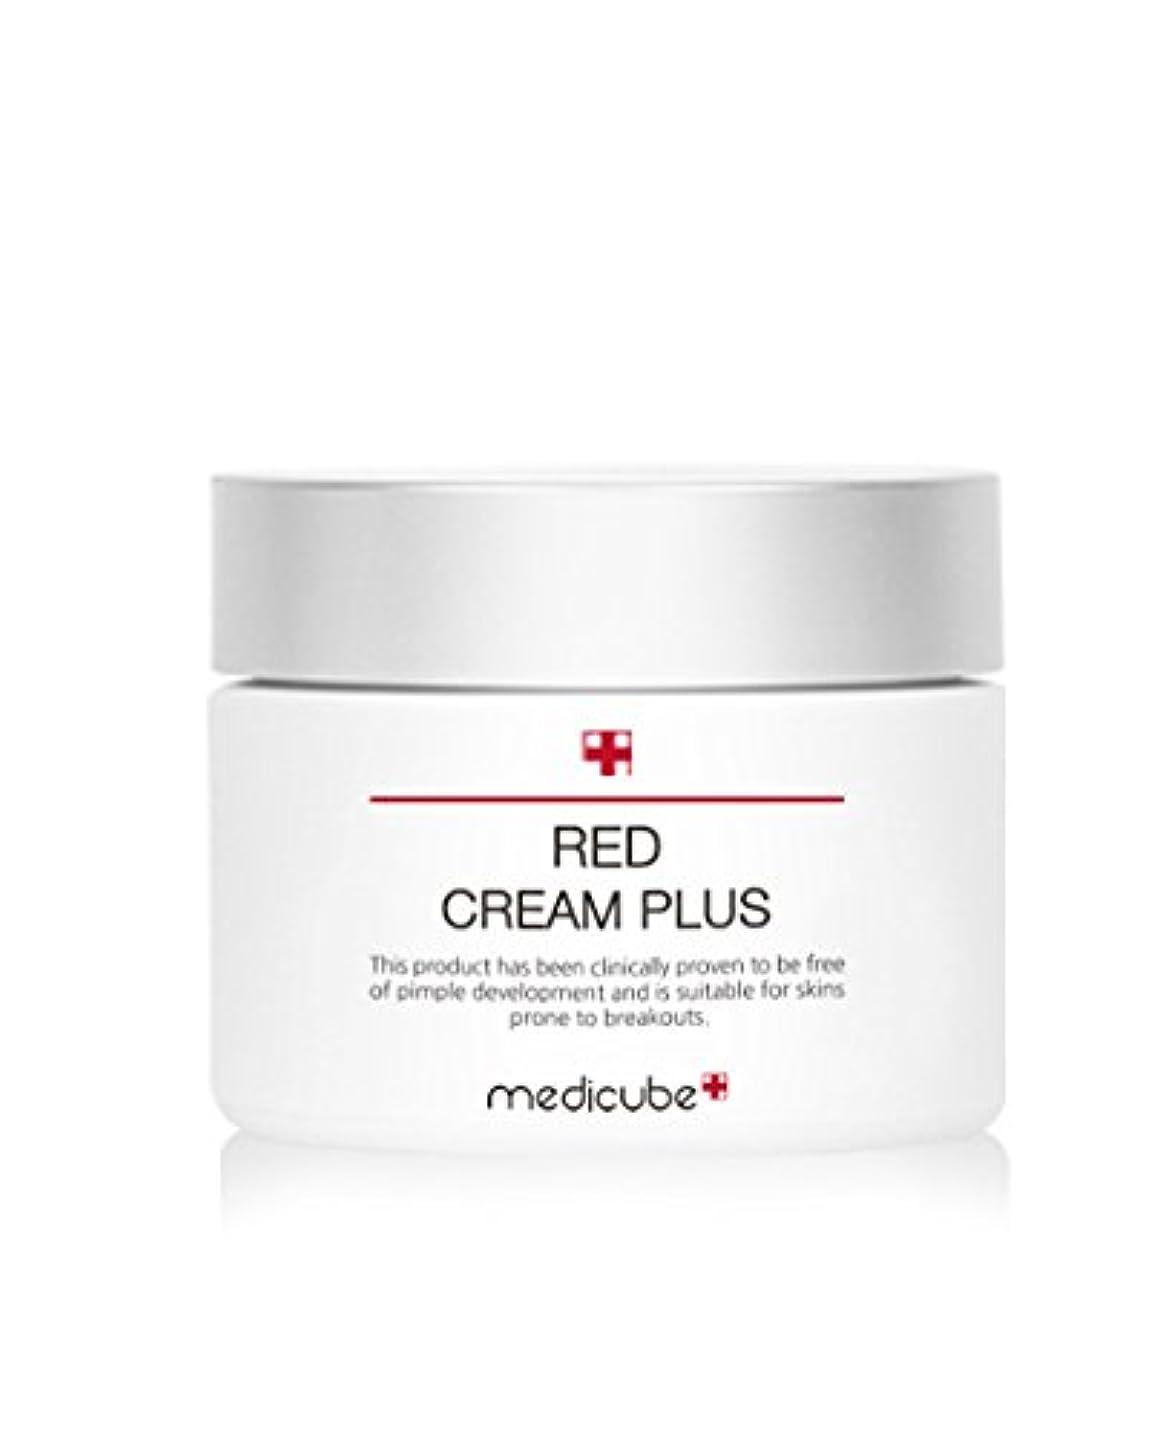 にんじん砦放置[Medicube]メディキューブ レッド クリーム プラス 大容量 100ml / Medicube Red Cream Plus 100ml [並行輸入品]